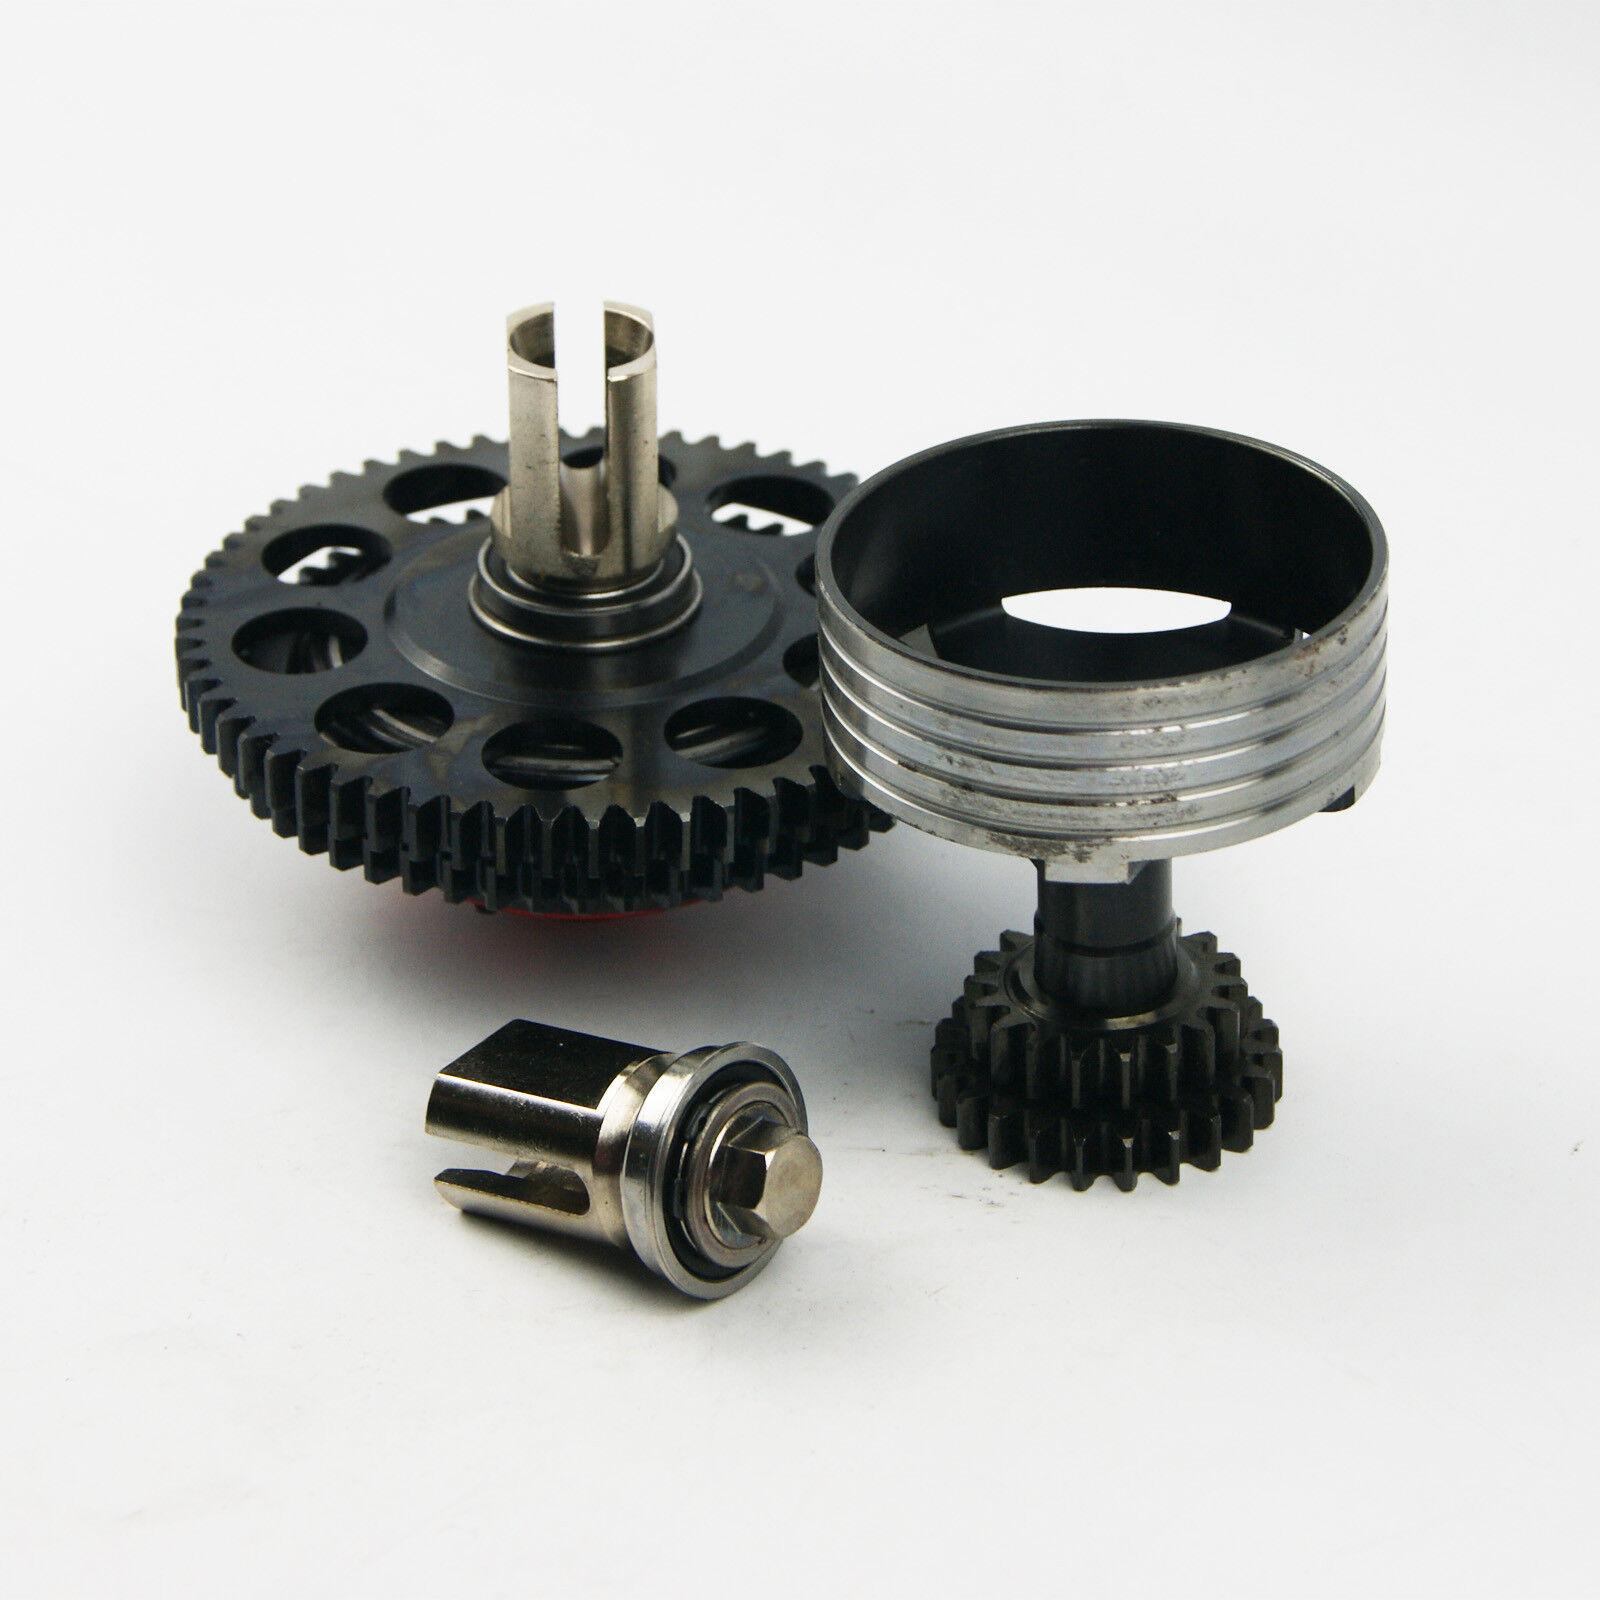 Engranaje de transmisión de 2 velocidades para dos para Losi 5ive T RV X2 LT